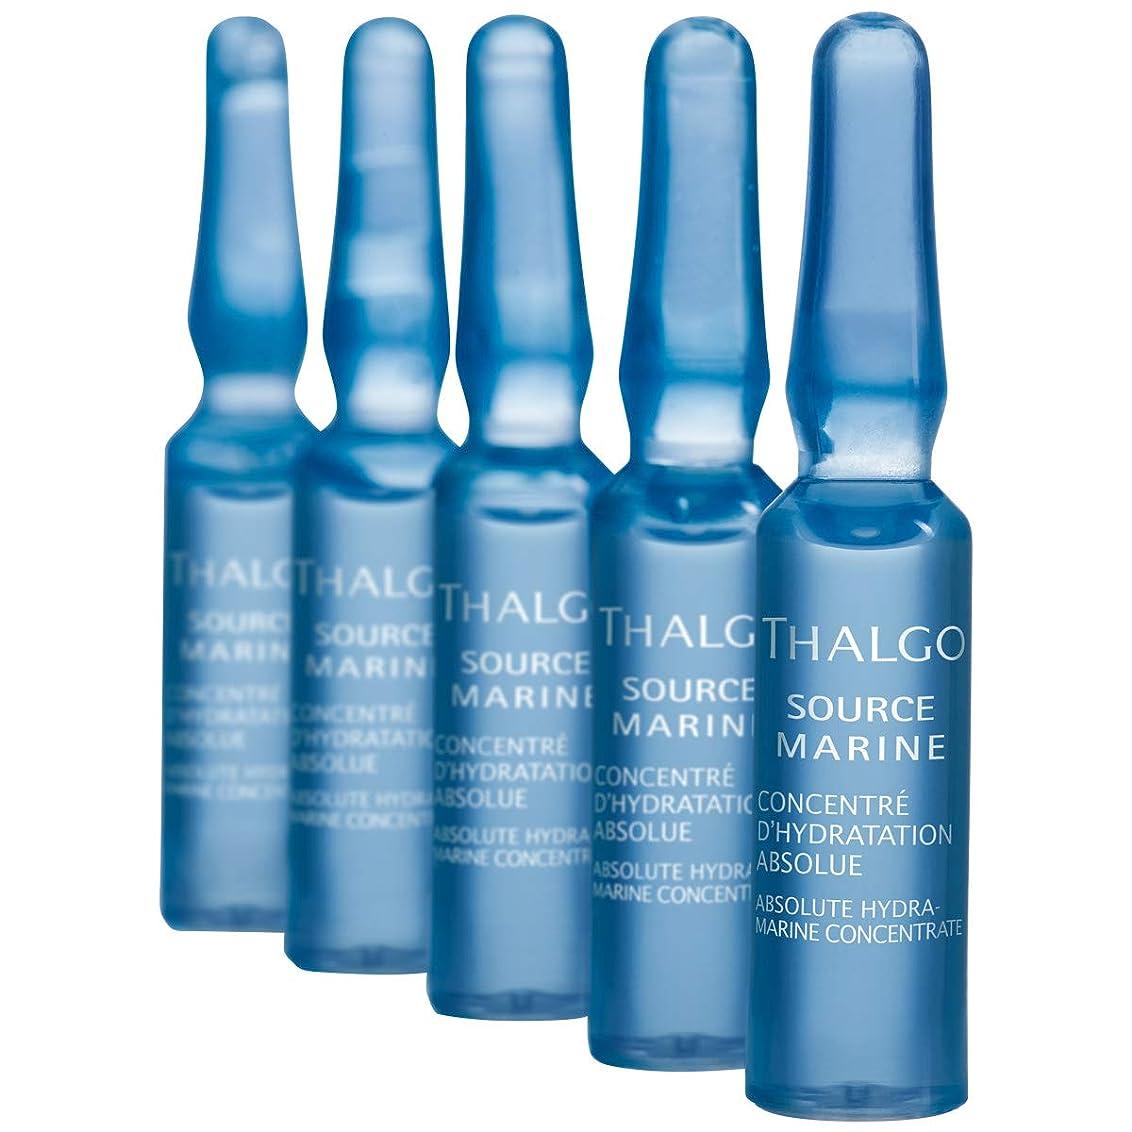 人形縫い目紀元前タルゴ Source Marine Absolute Hydra-Marine Concentrate (Salon Size; In Pack) 12x1.2ml/0.04oz並行輸入品